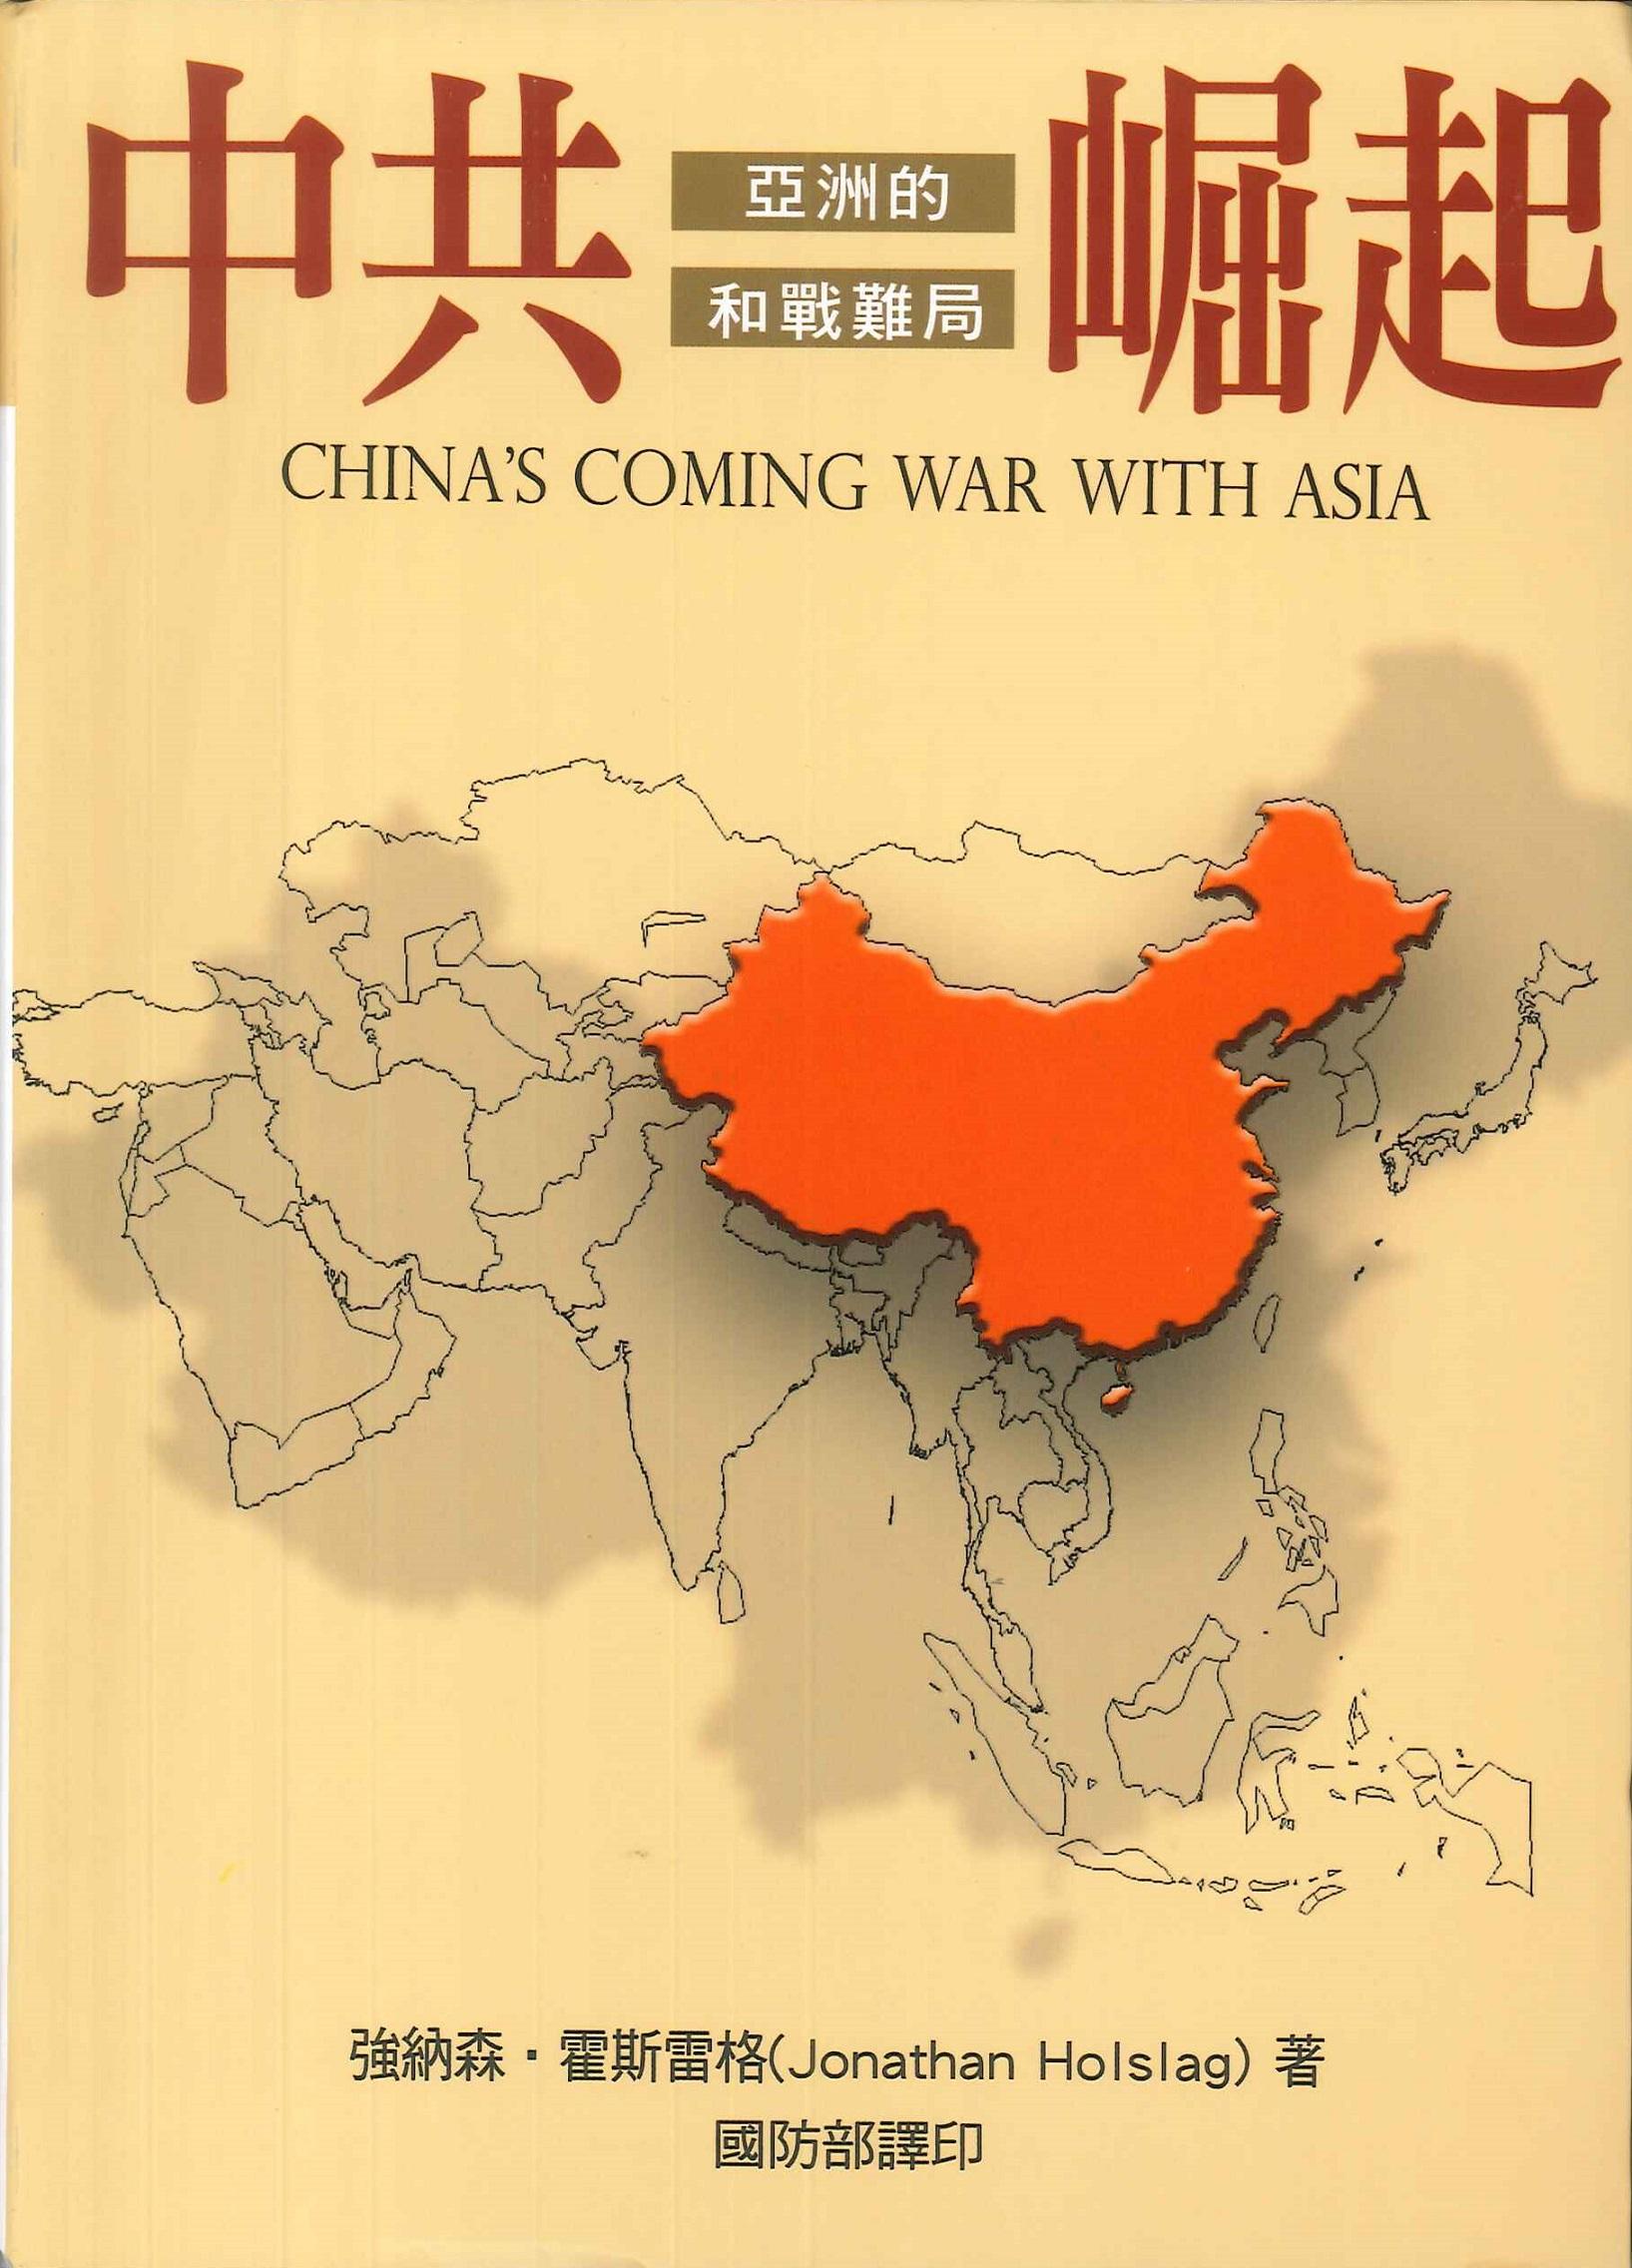 中共崛起:亞洲的和戰難局